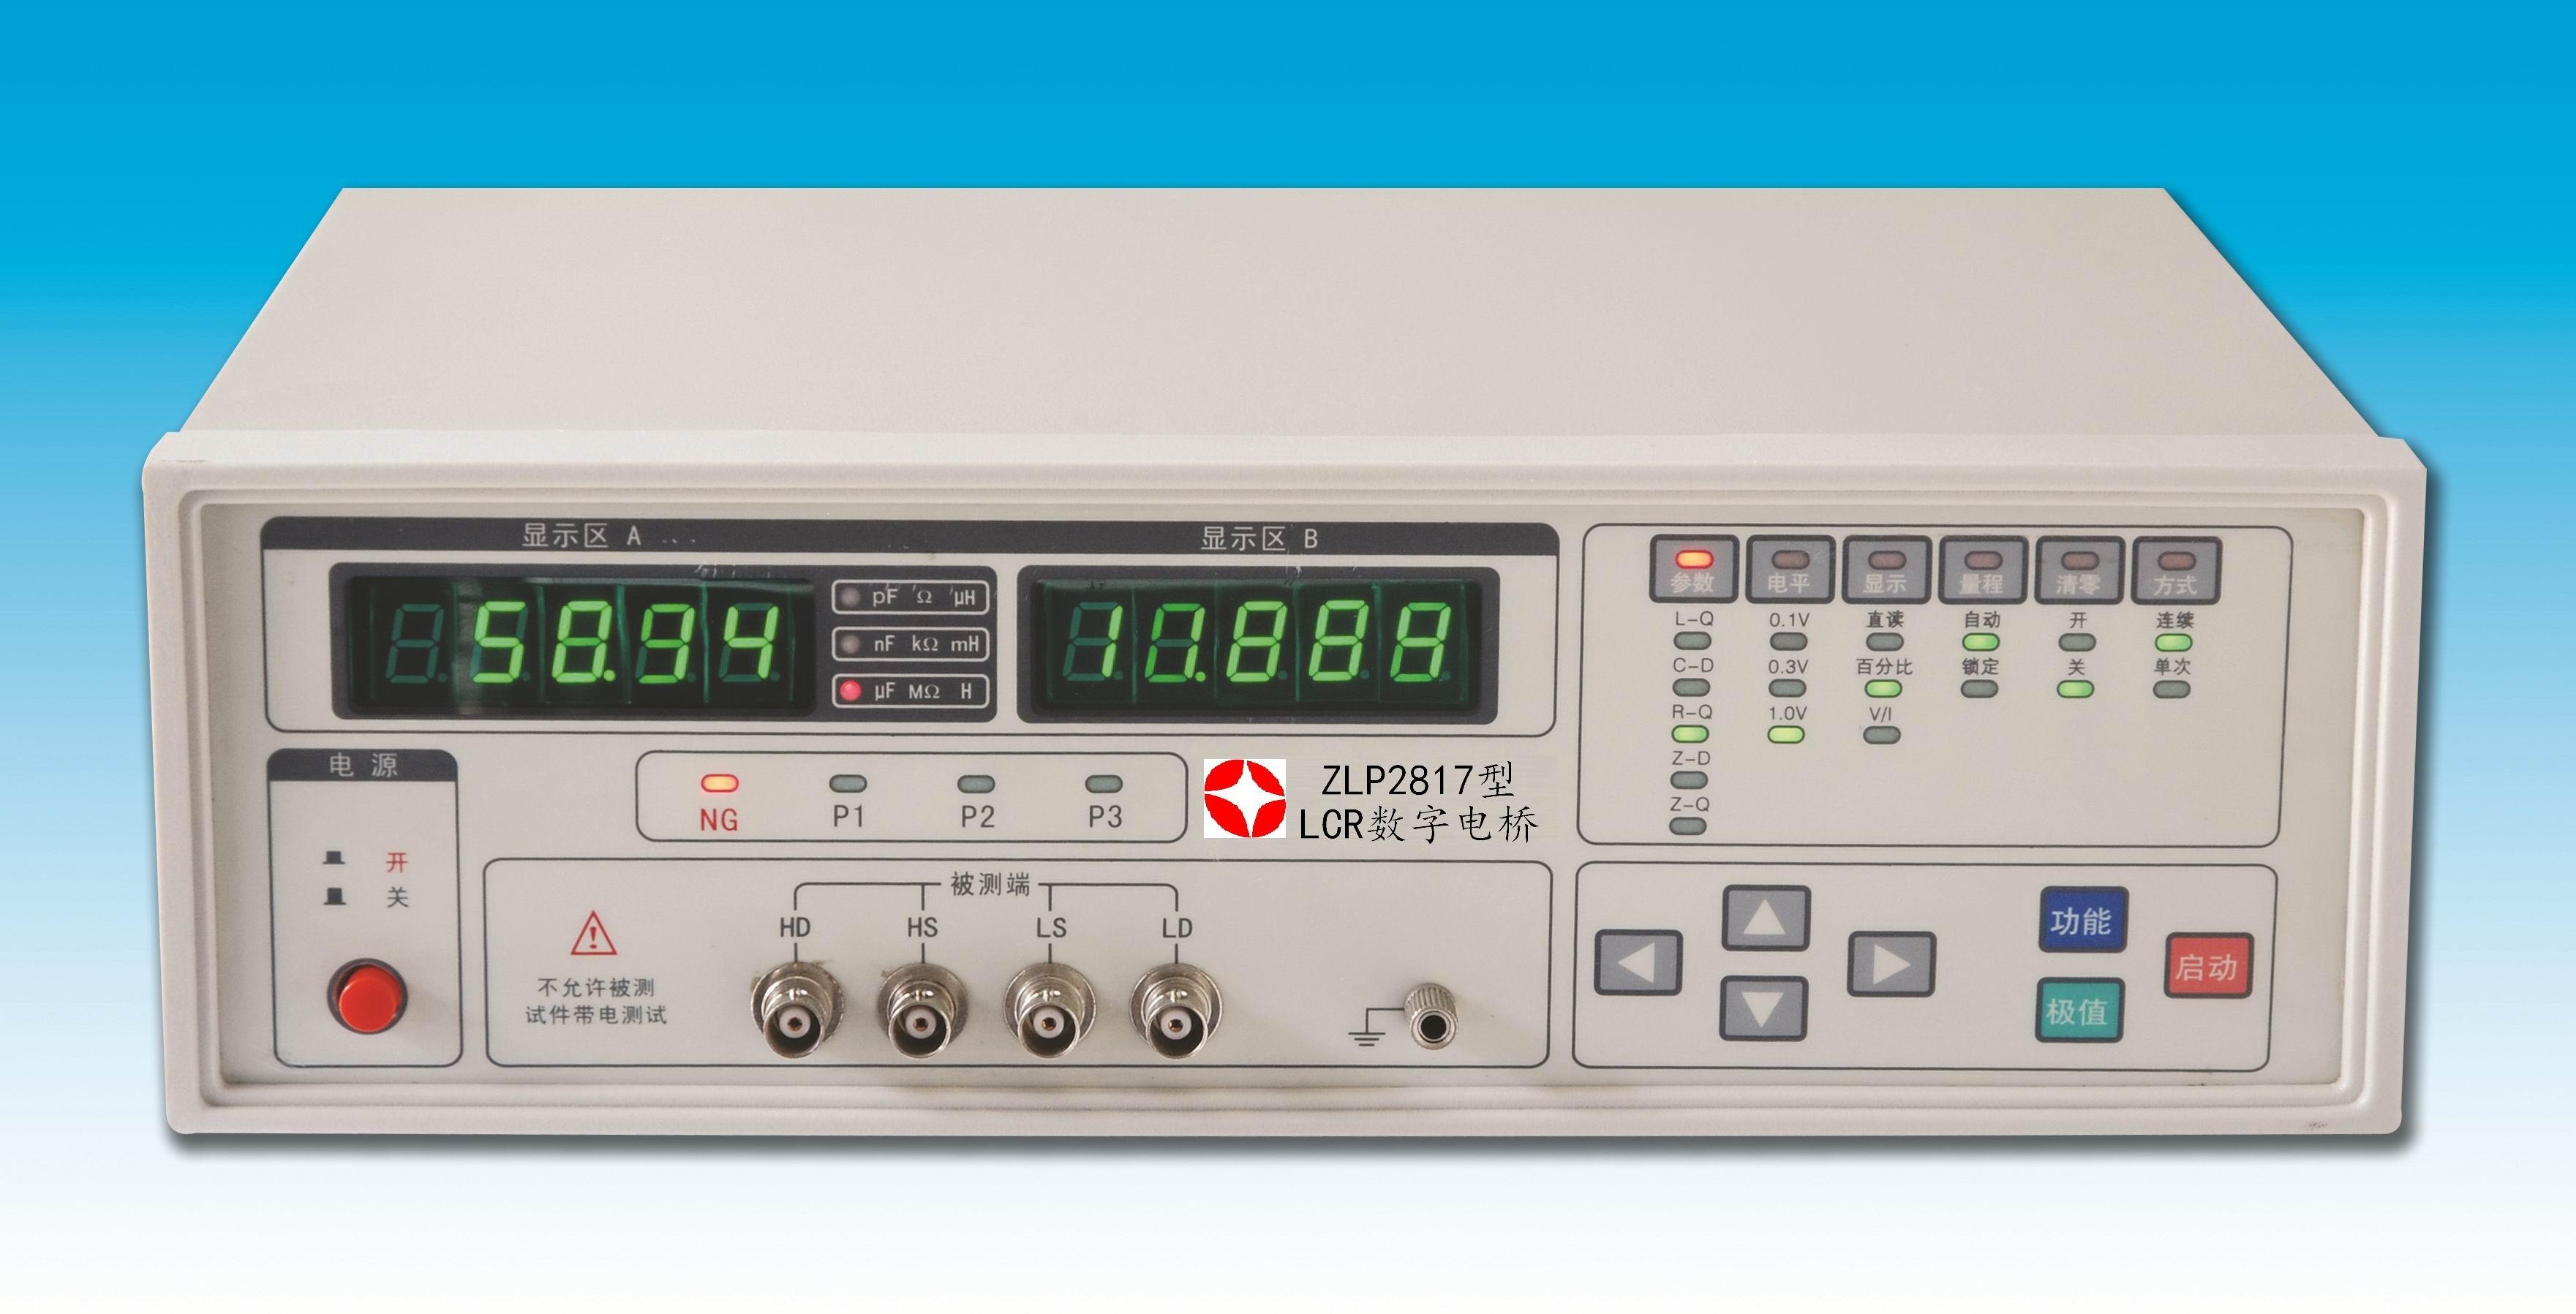 【原创】LCR数字电桥操作注意事项 LCR电桥的由来和作用